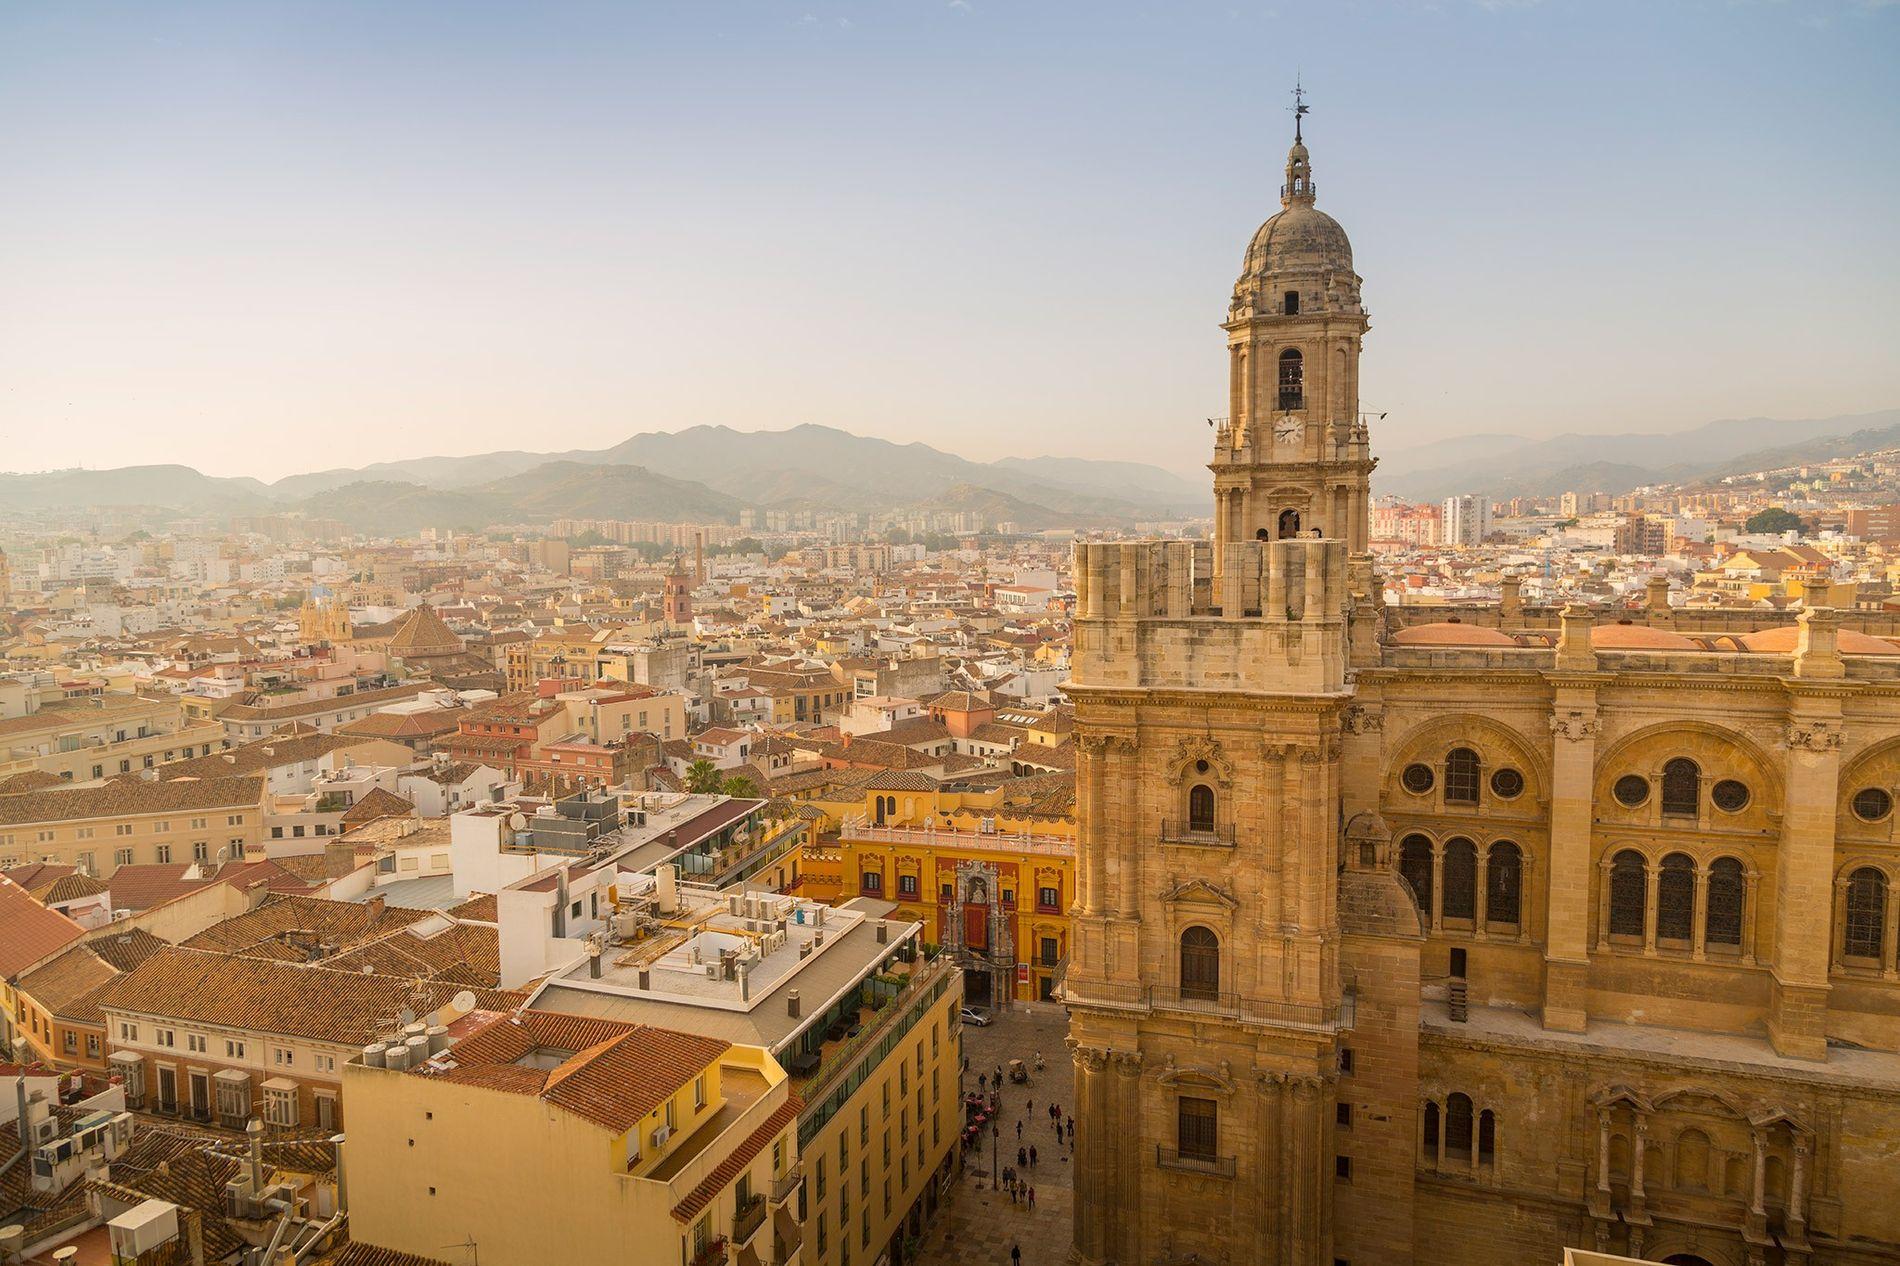 La majestueuse cathédrale de Malaga se dresse au-dessus de la ville.